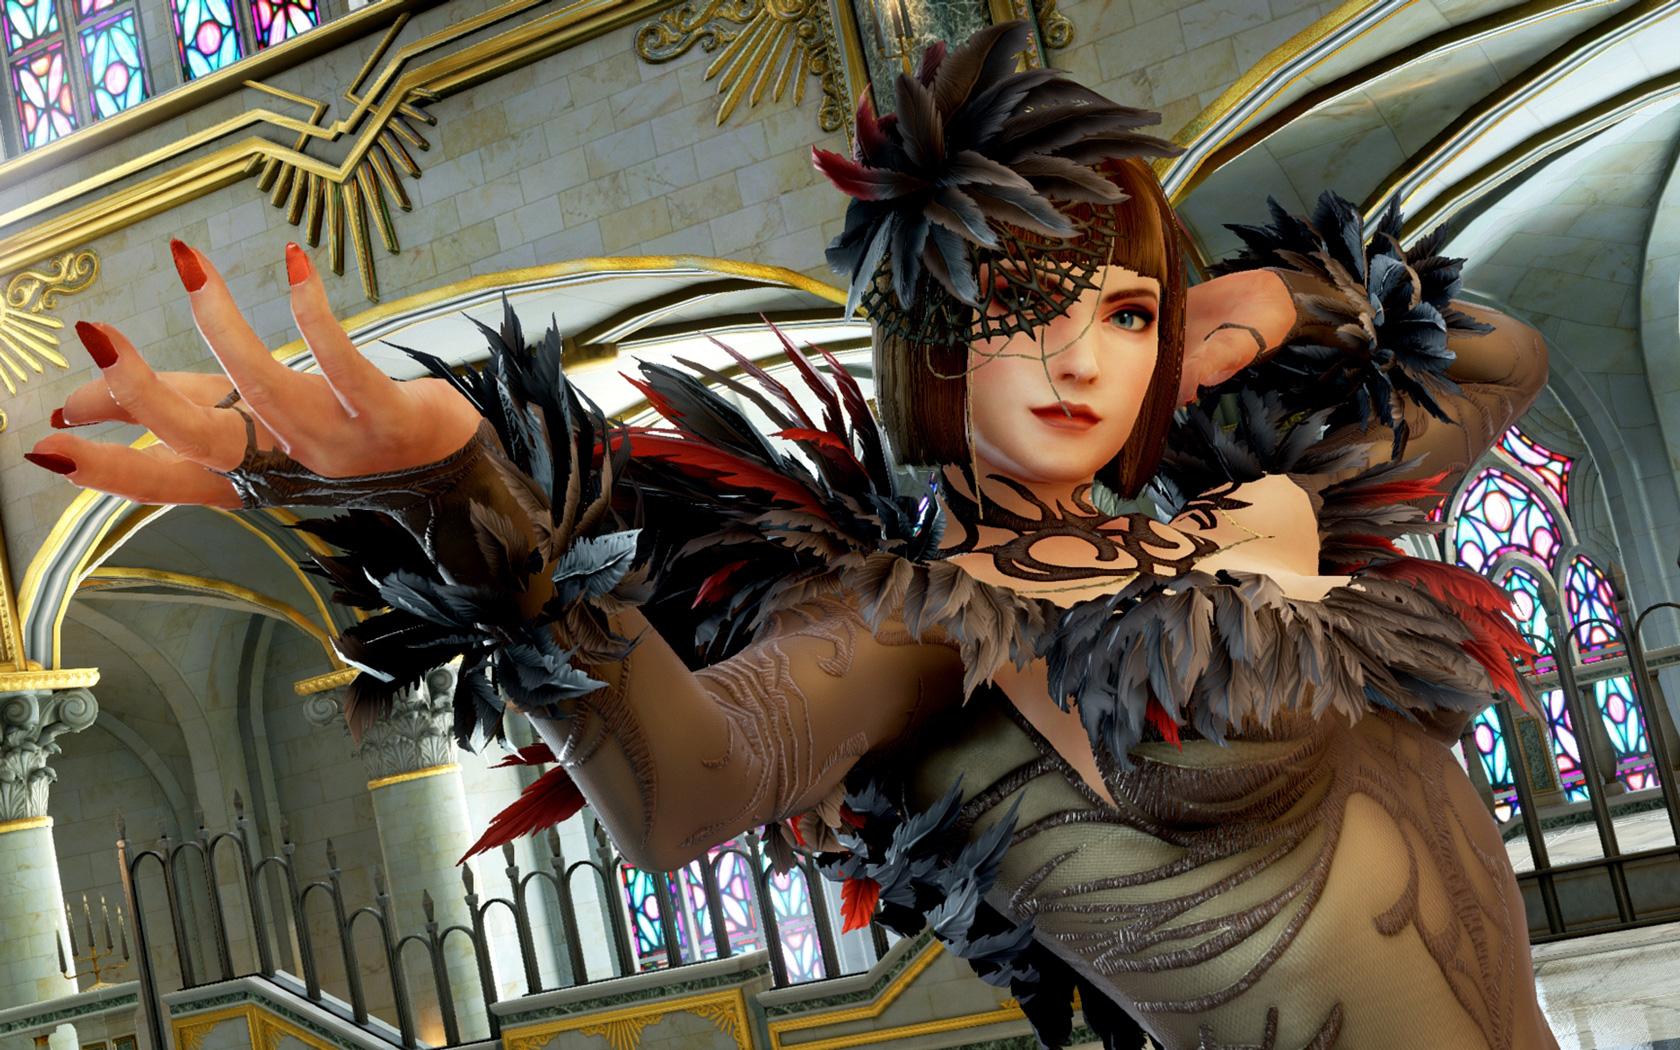 Tekken 7 Wallpaper in 1680x1050